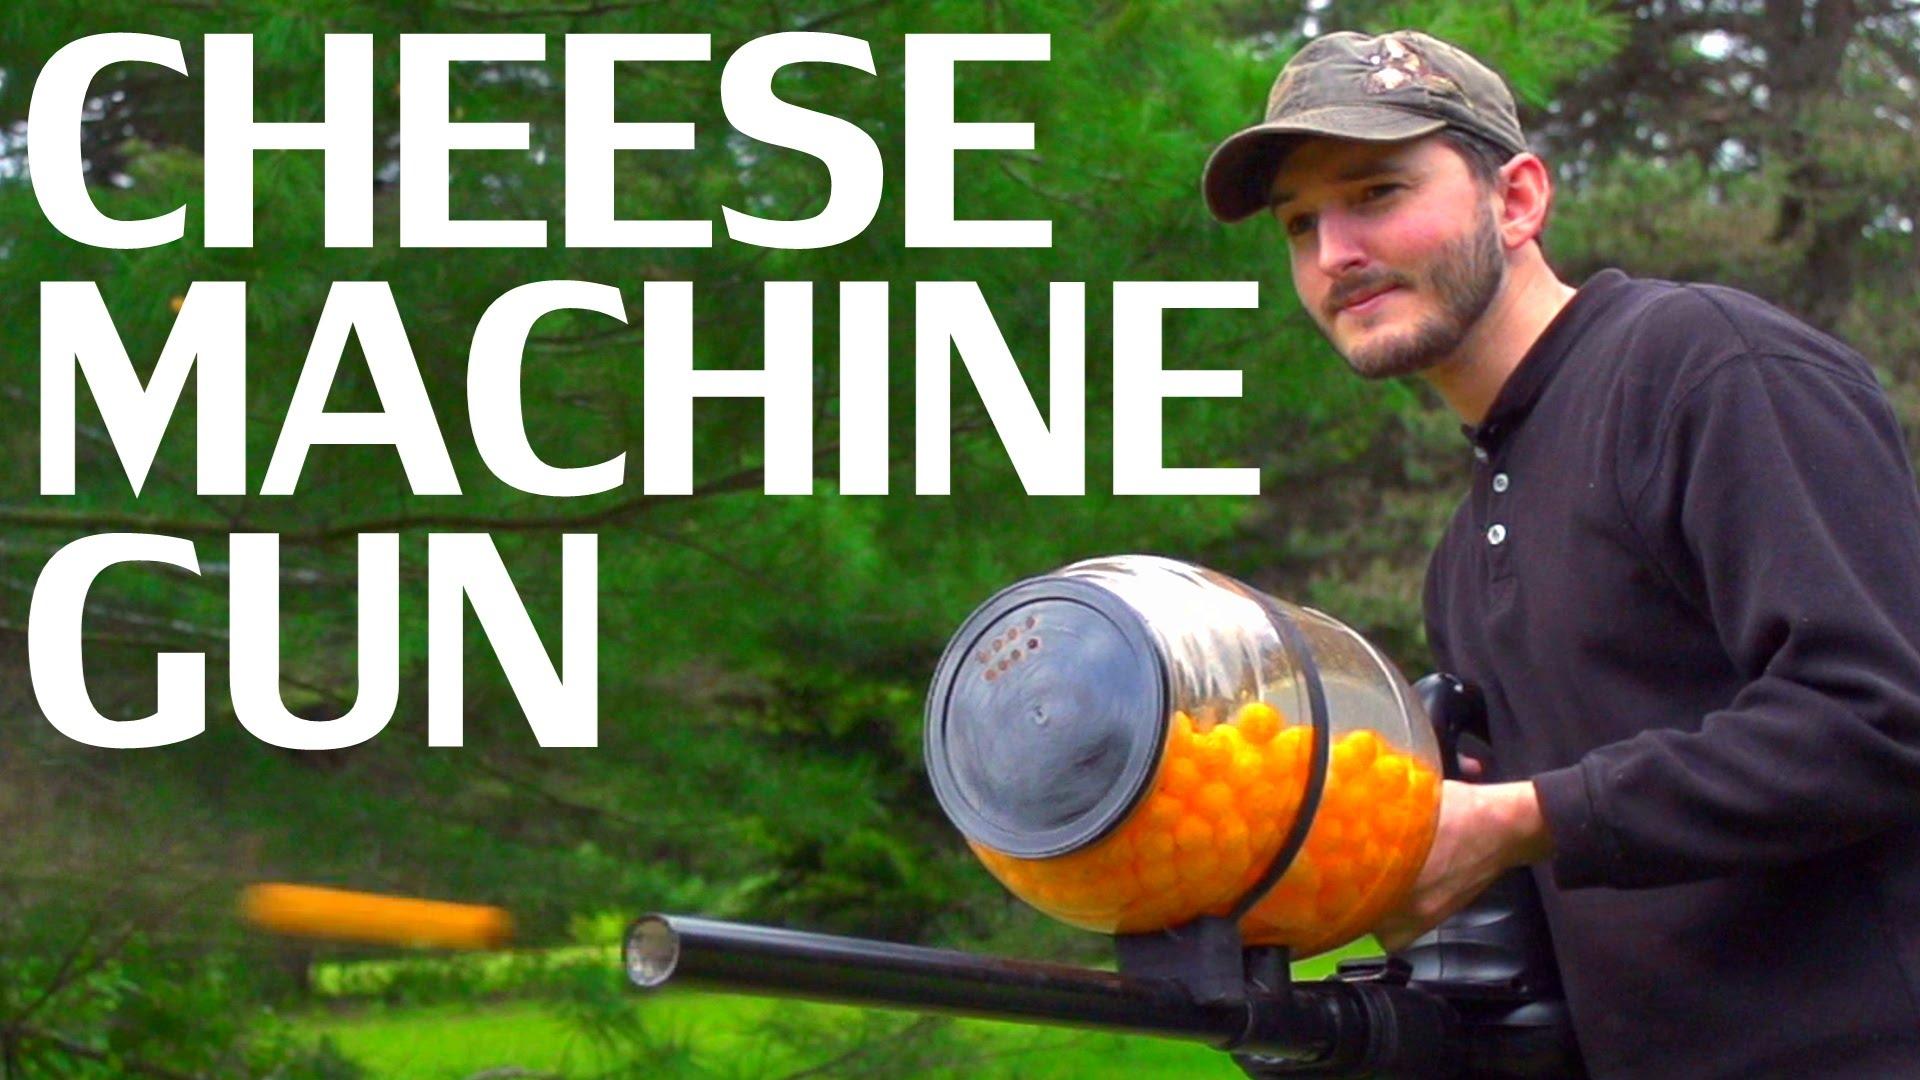 How to make a cheeseball machine gun